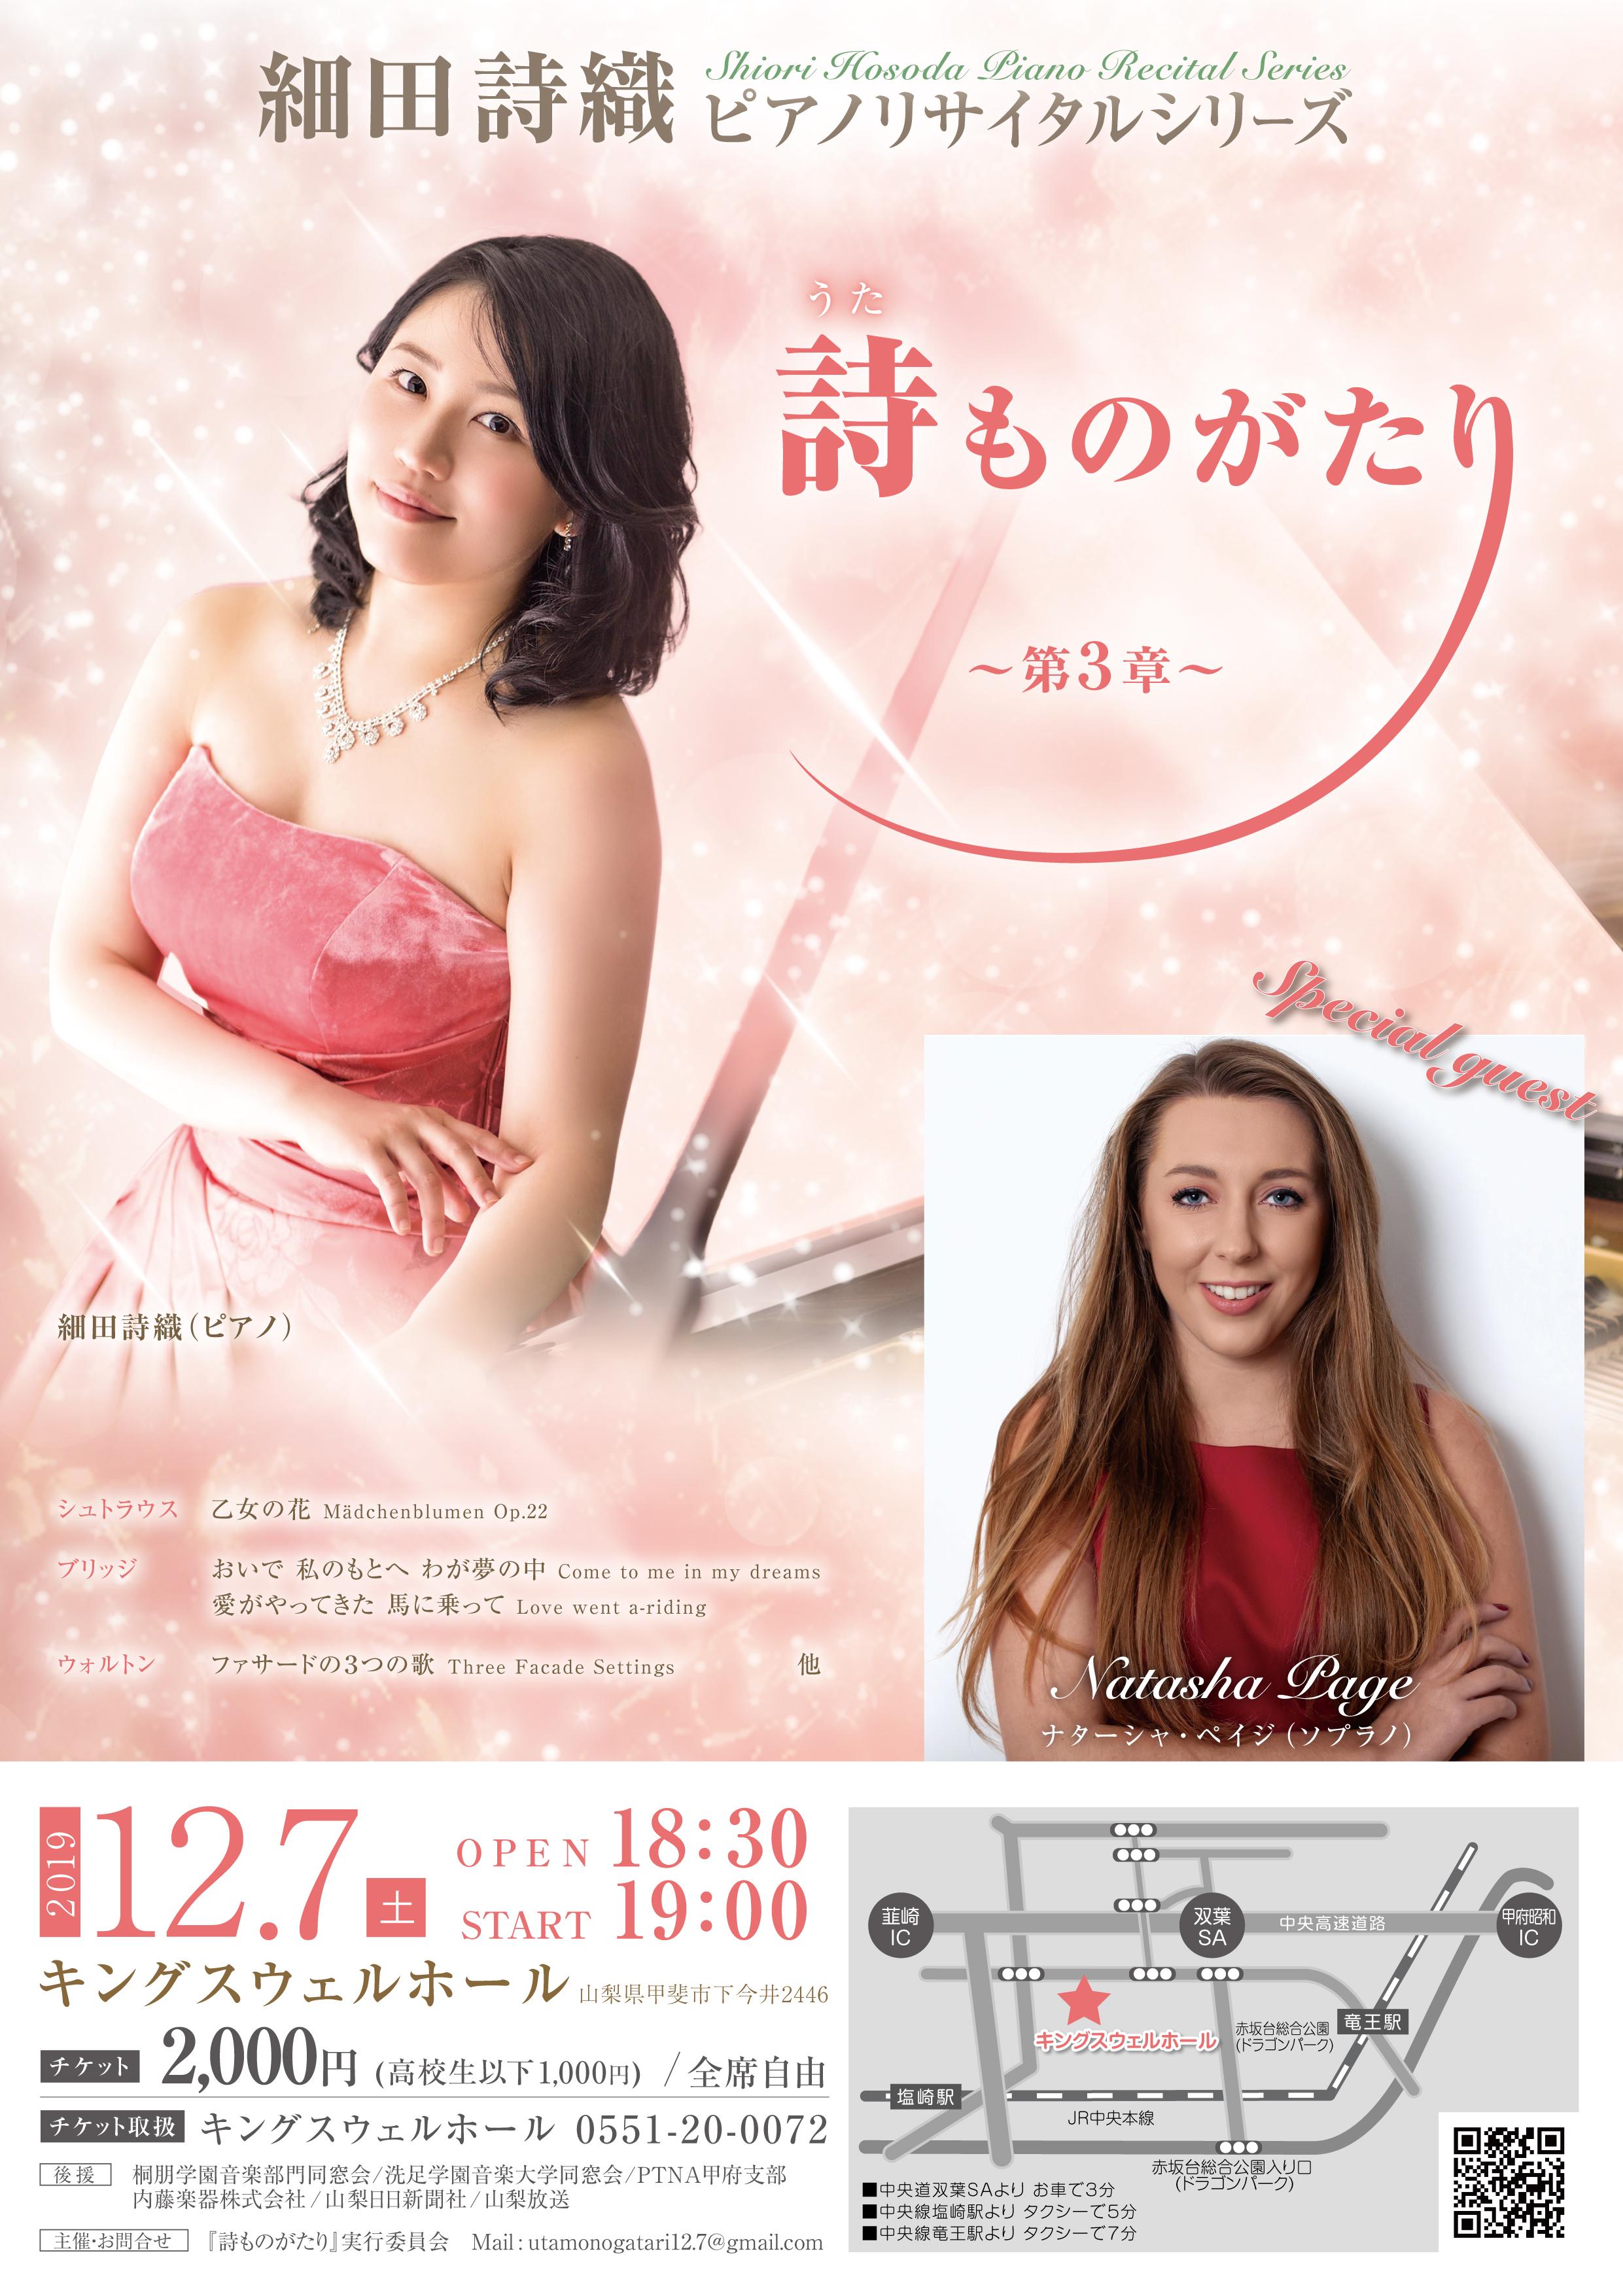 Recital 7th Dec. flyer